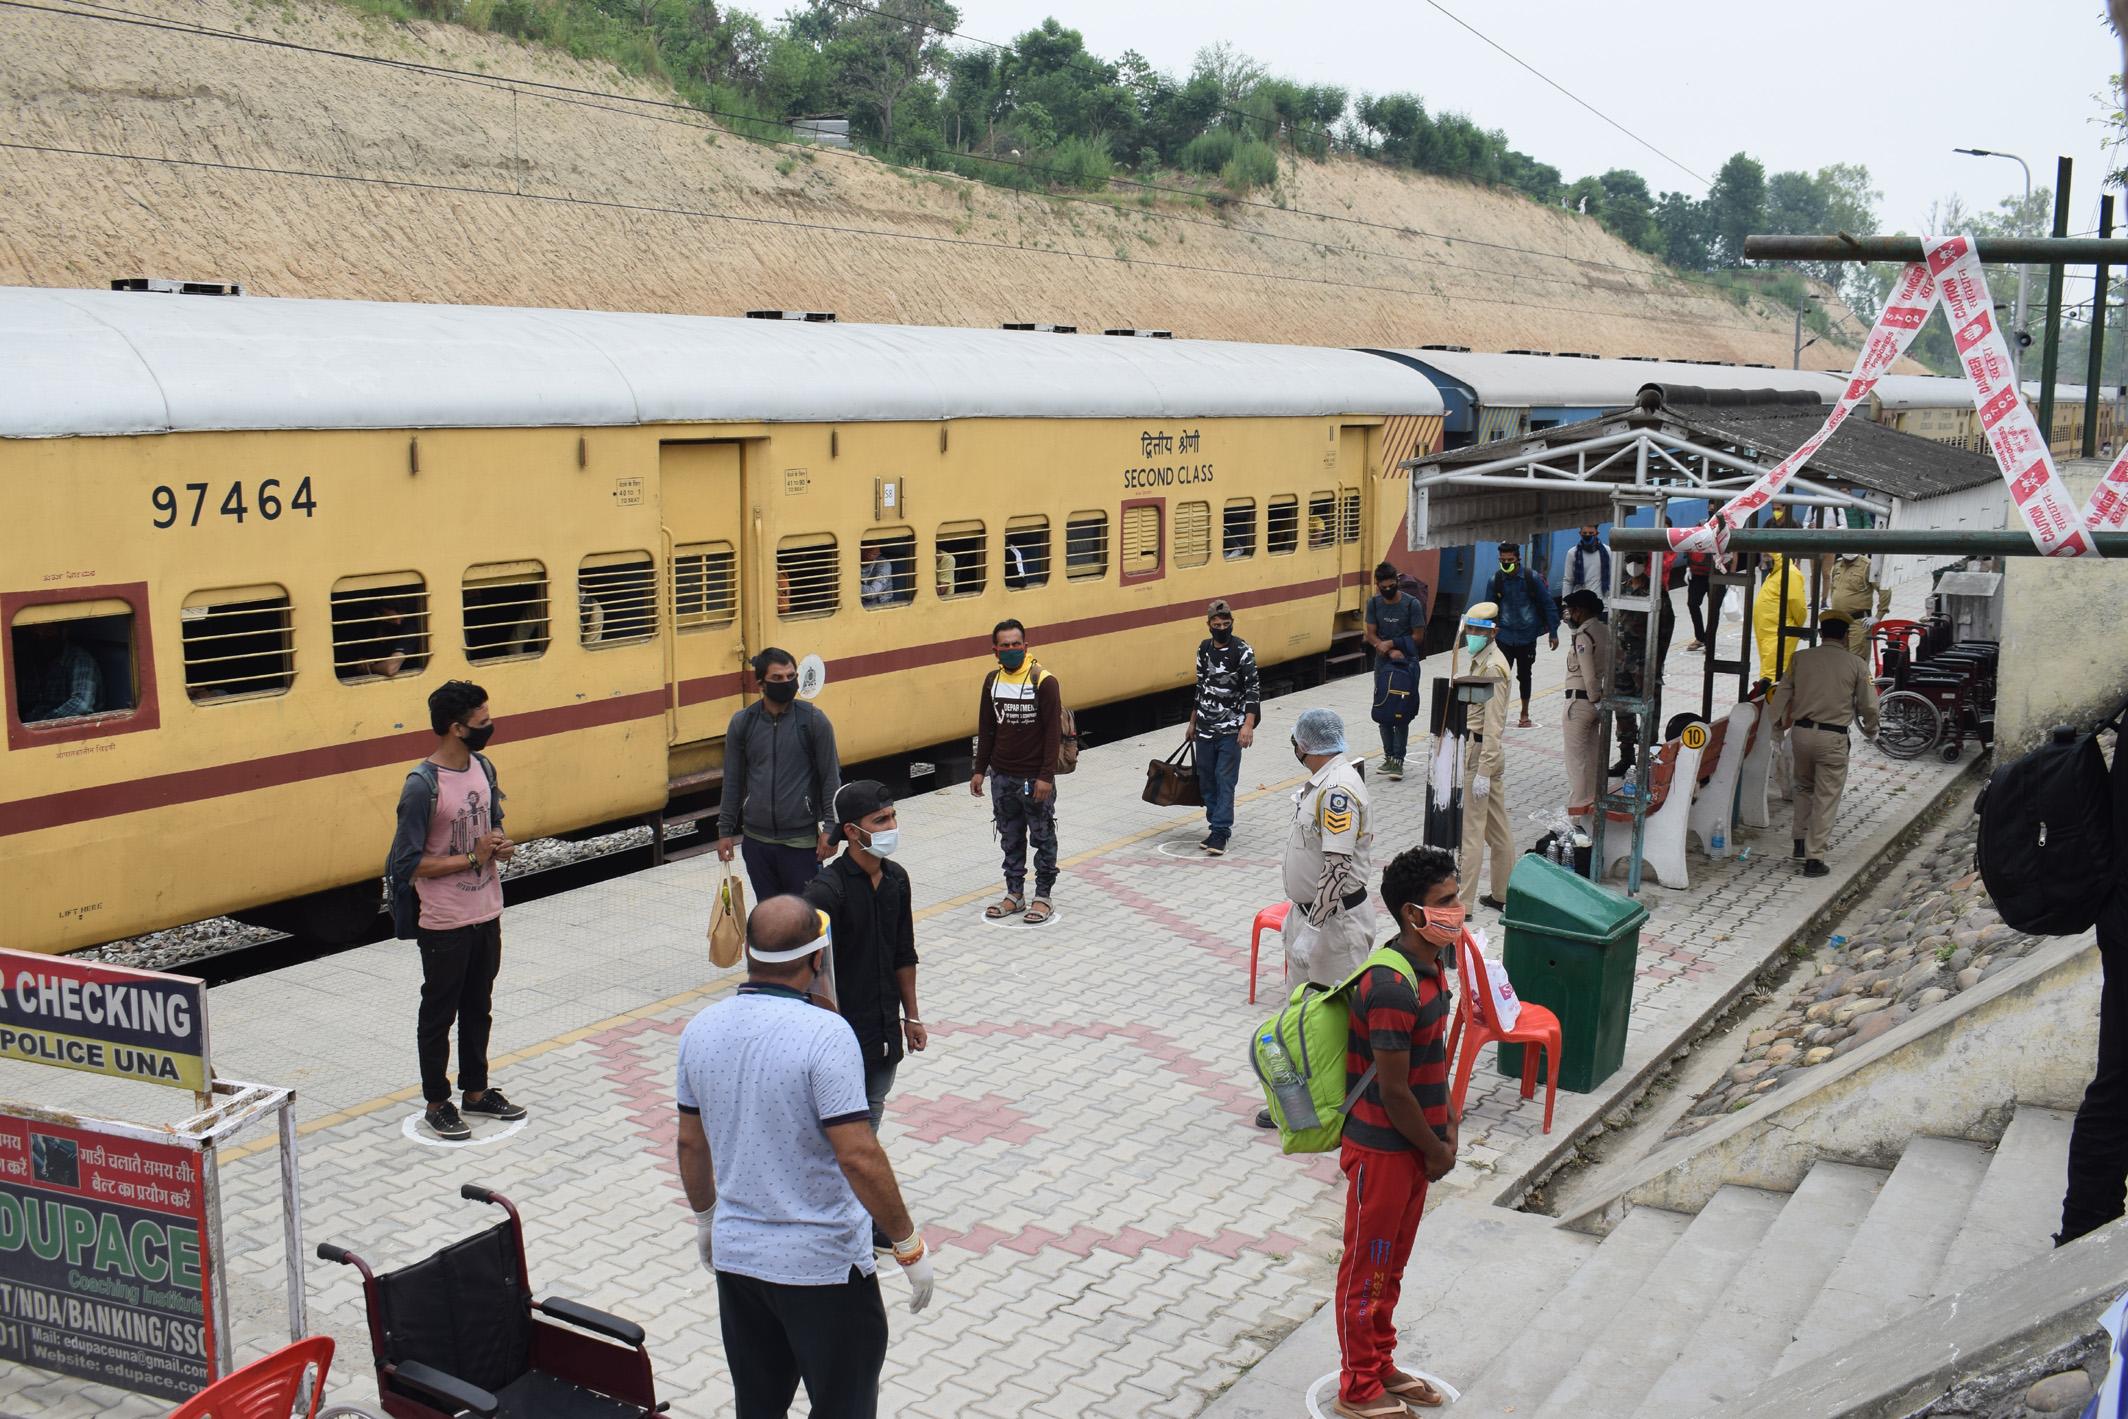 पहली ट्रेन से 643 यात्री कर्नाटक से लौटे, चेहरों पर तैरी मुस्कुराहट